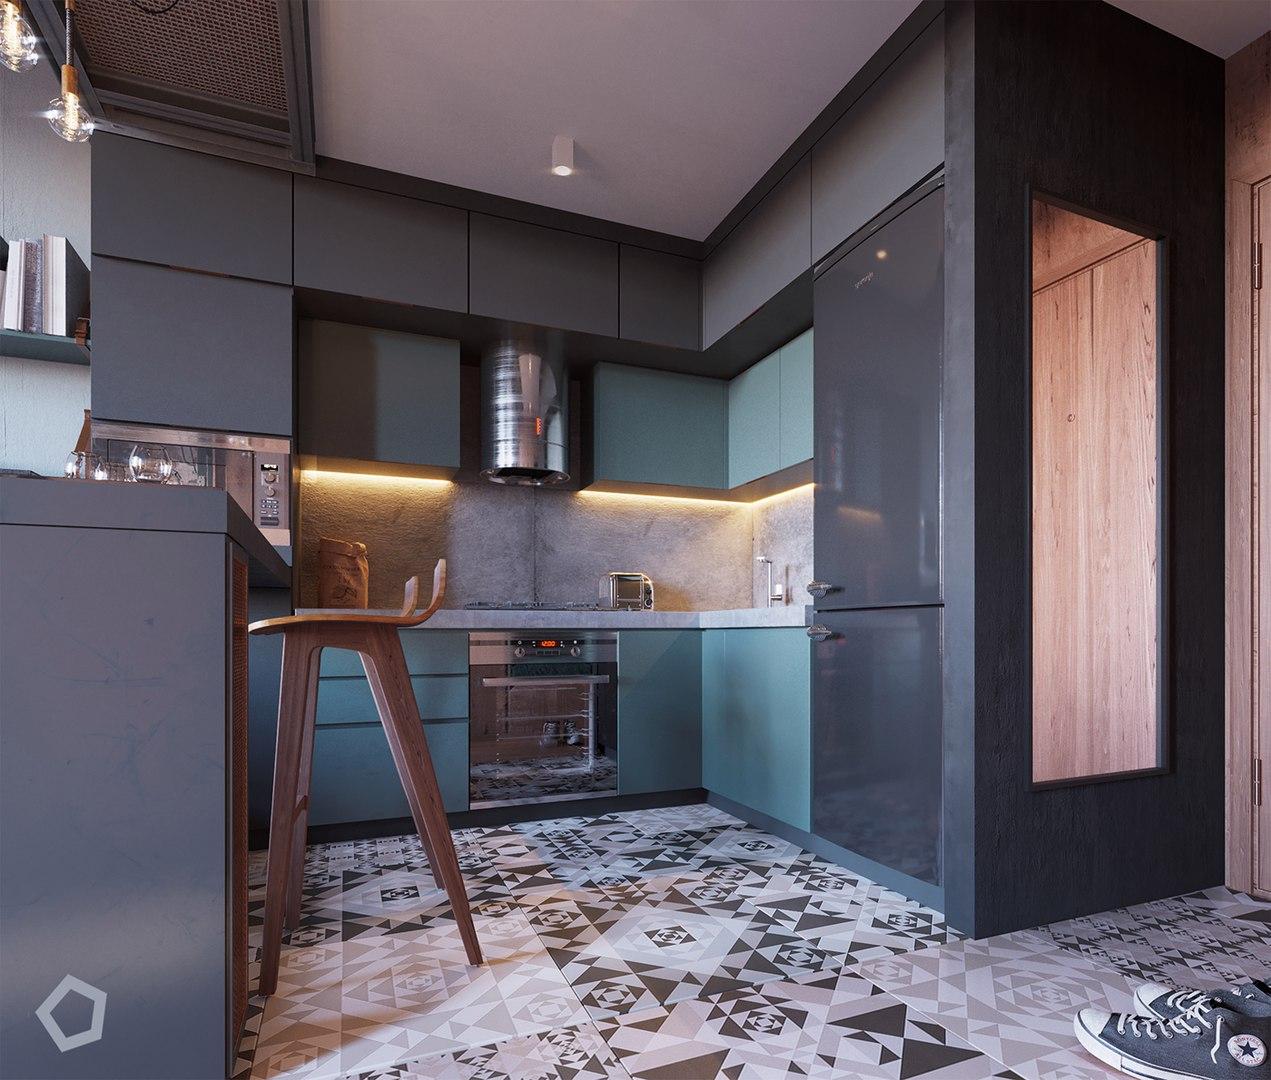 Проект квартиры-студии площадью 29 кв.